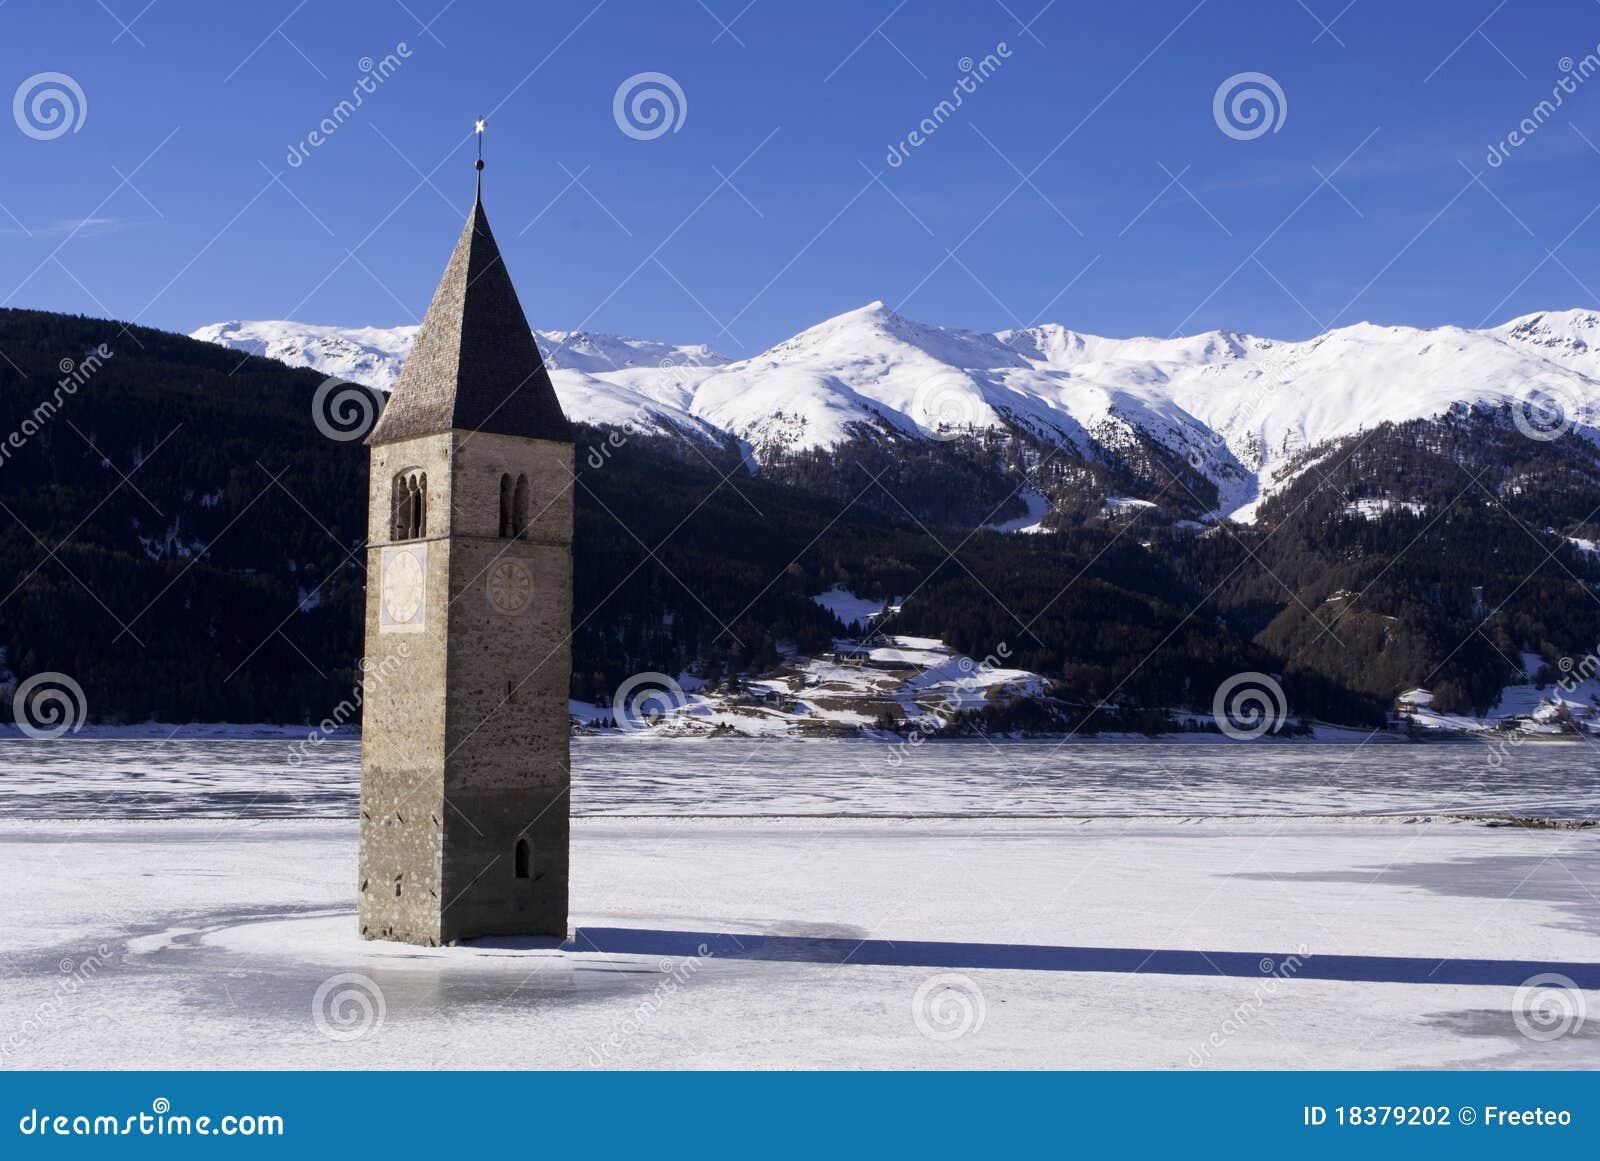 Het ijs van de klokketoren